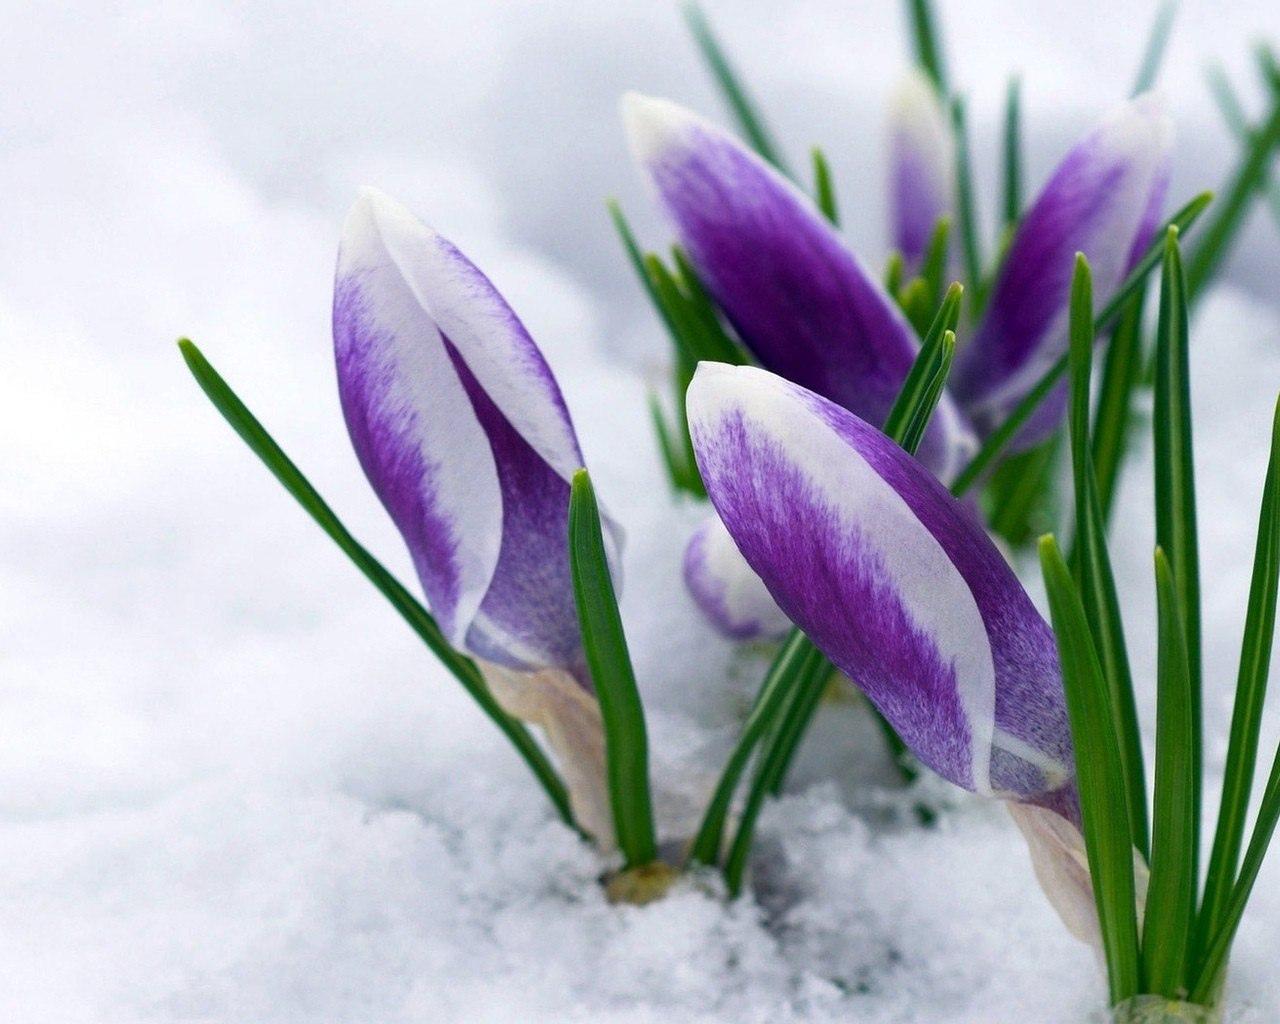 С первым днем весны всех.